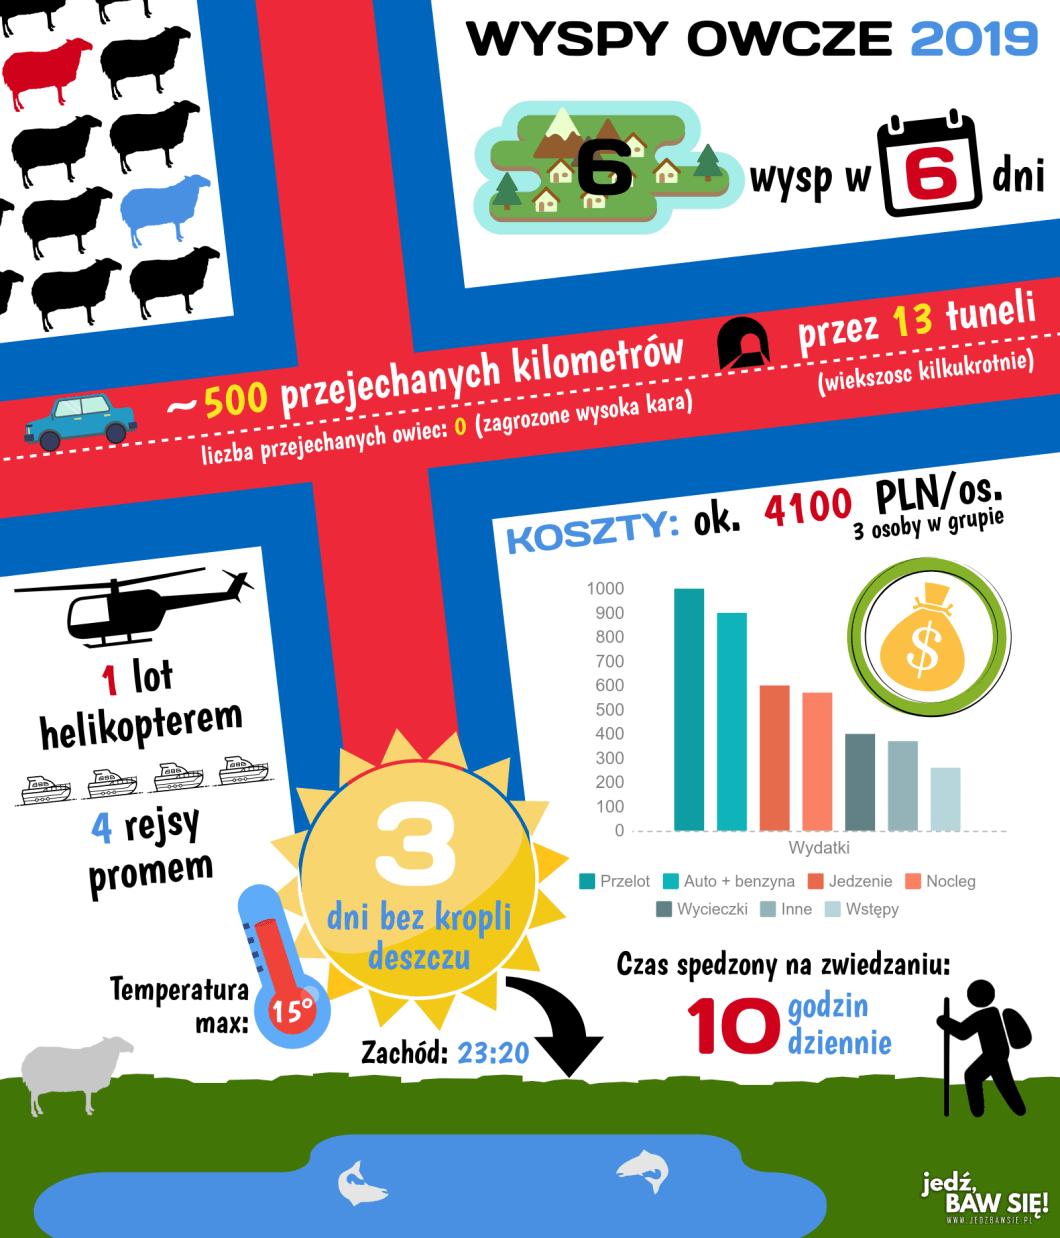 Wyspy Owcze 2019 - infografika